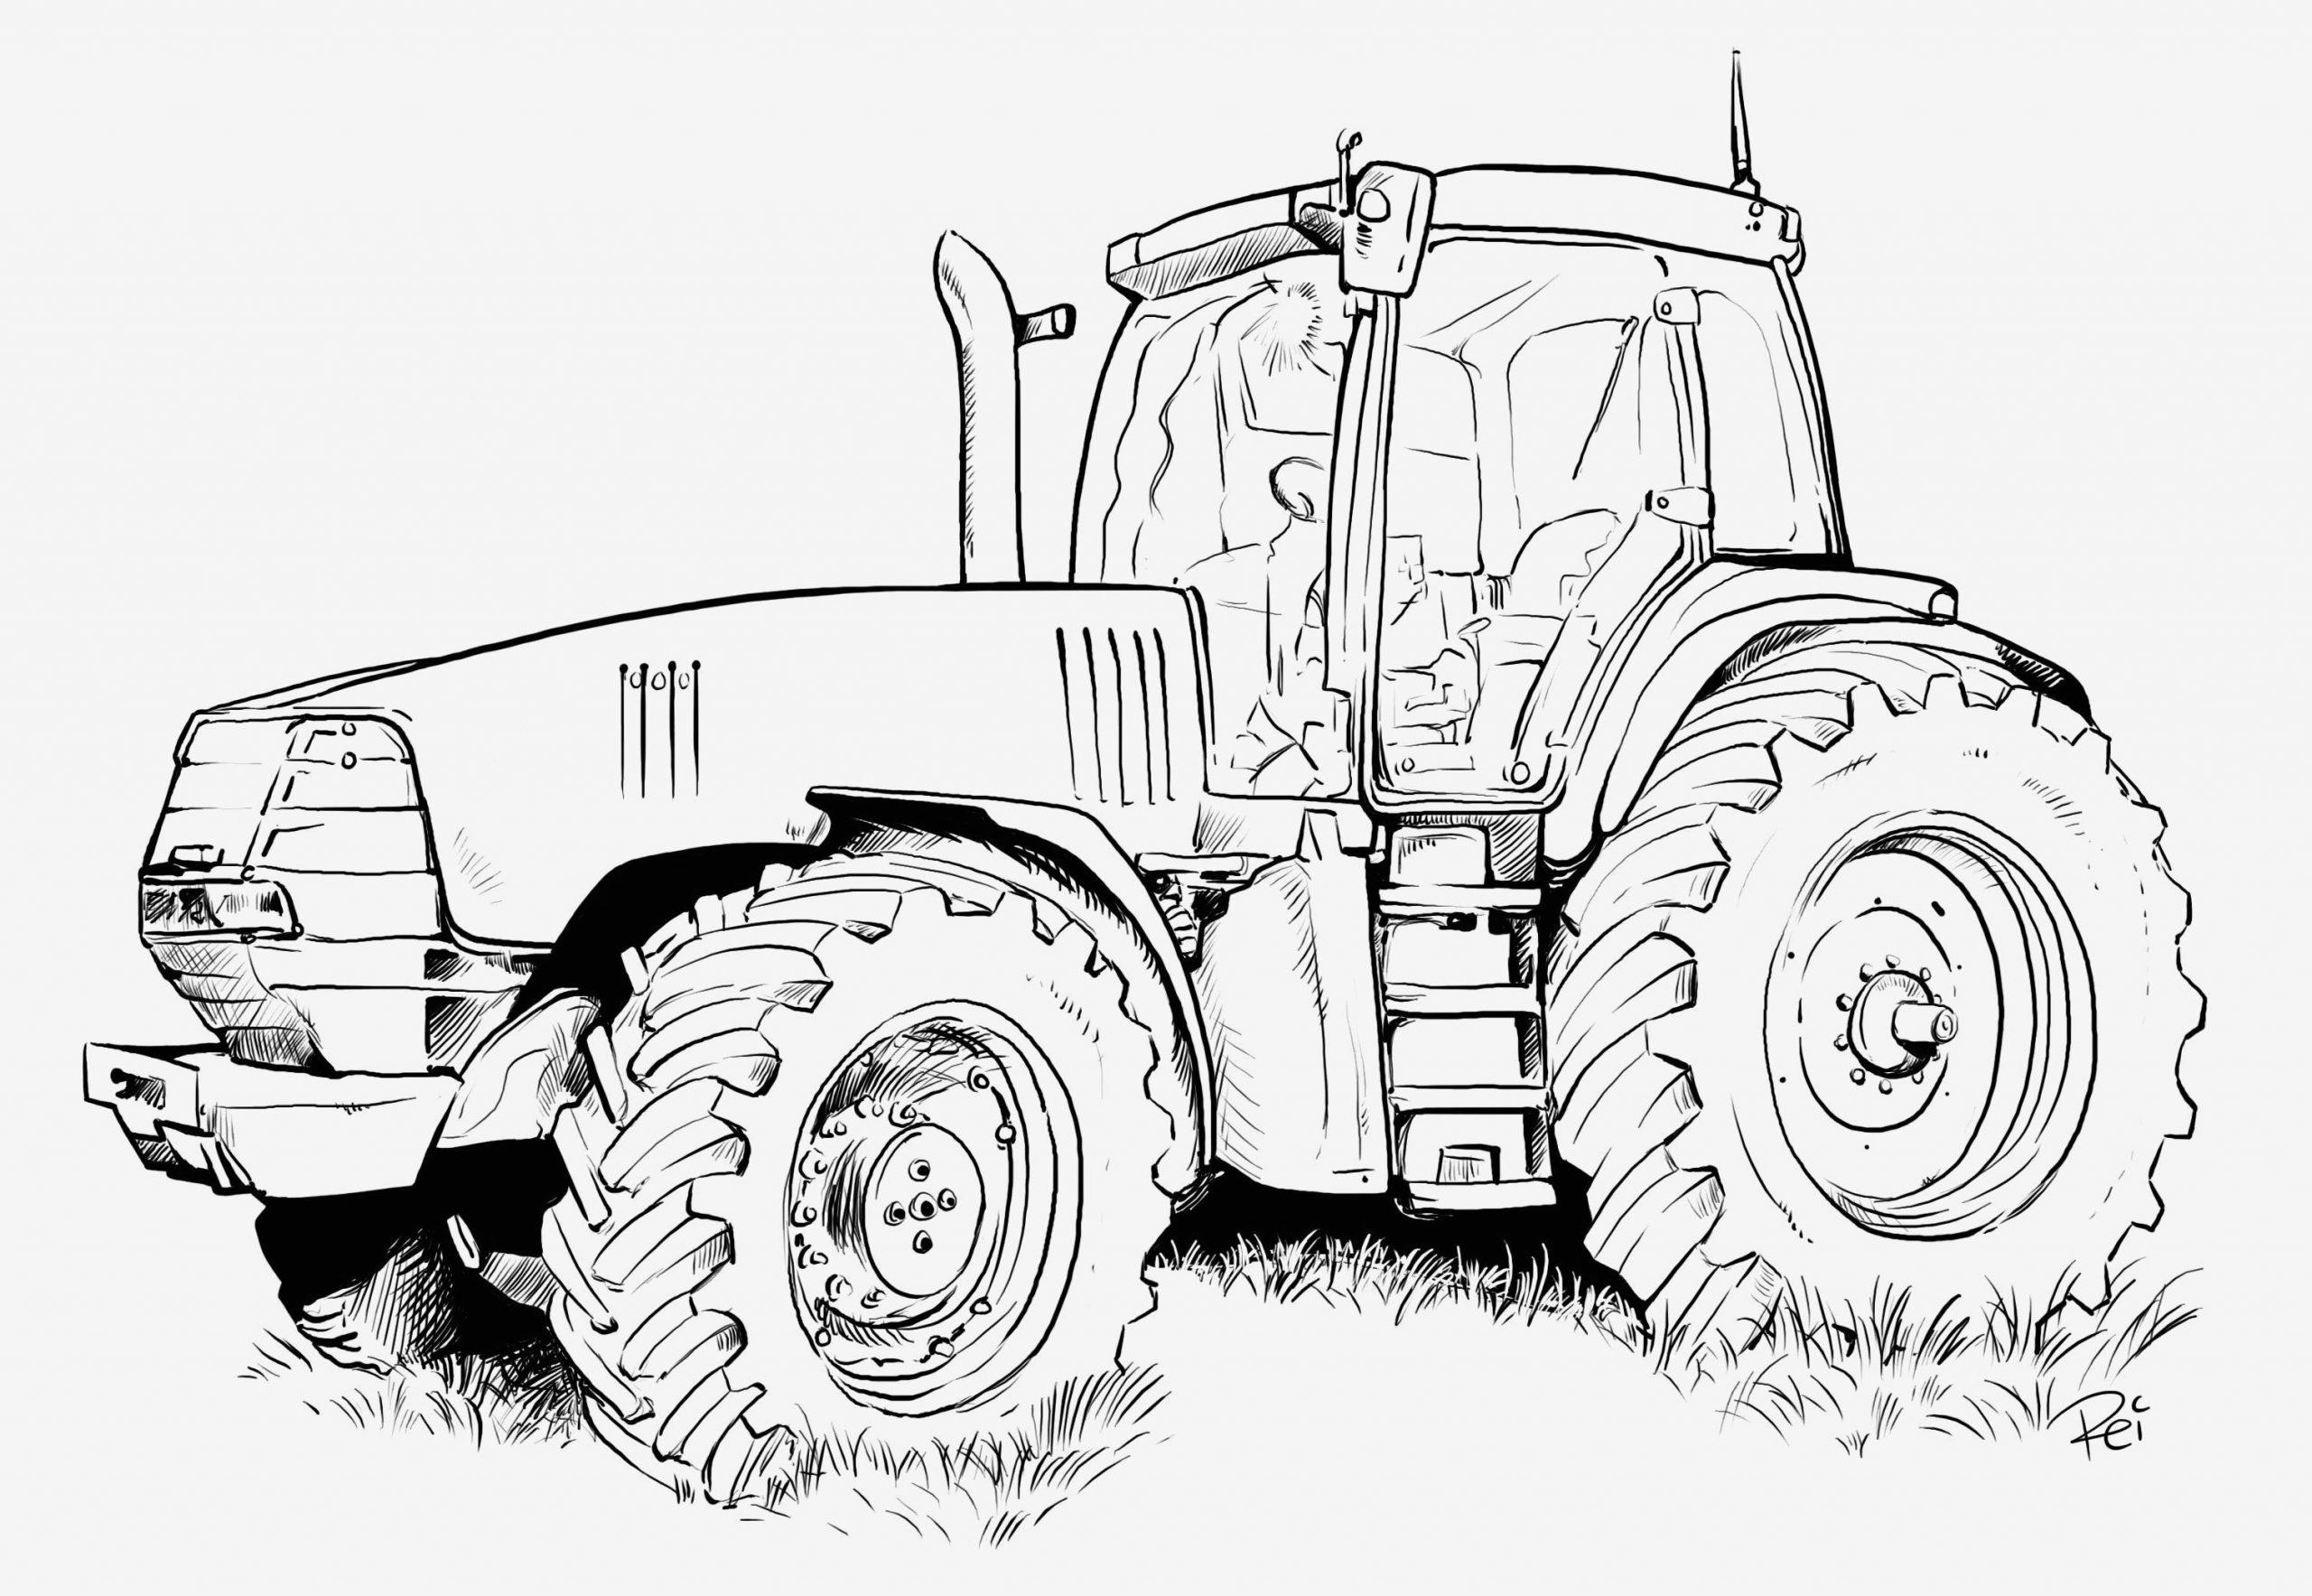 Einzigartig Ausmalbild Krankenwagen | Ausmalbilder Traktor ganzes Krankenwagen Ausmalbild